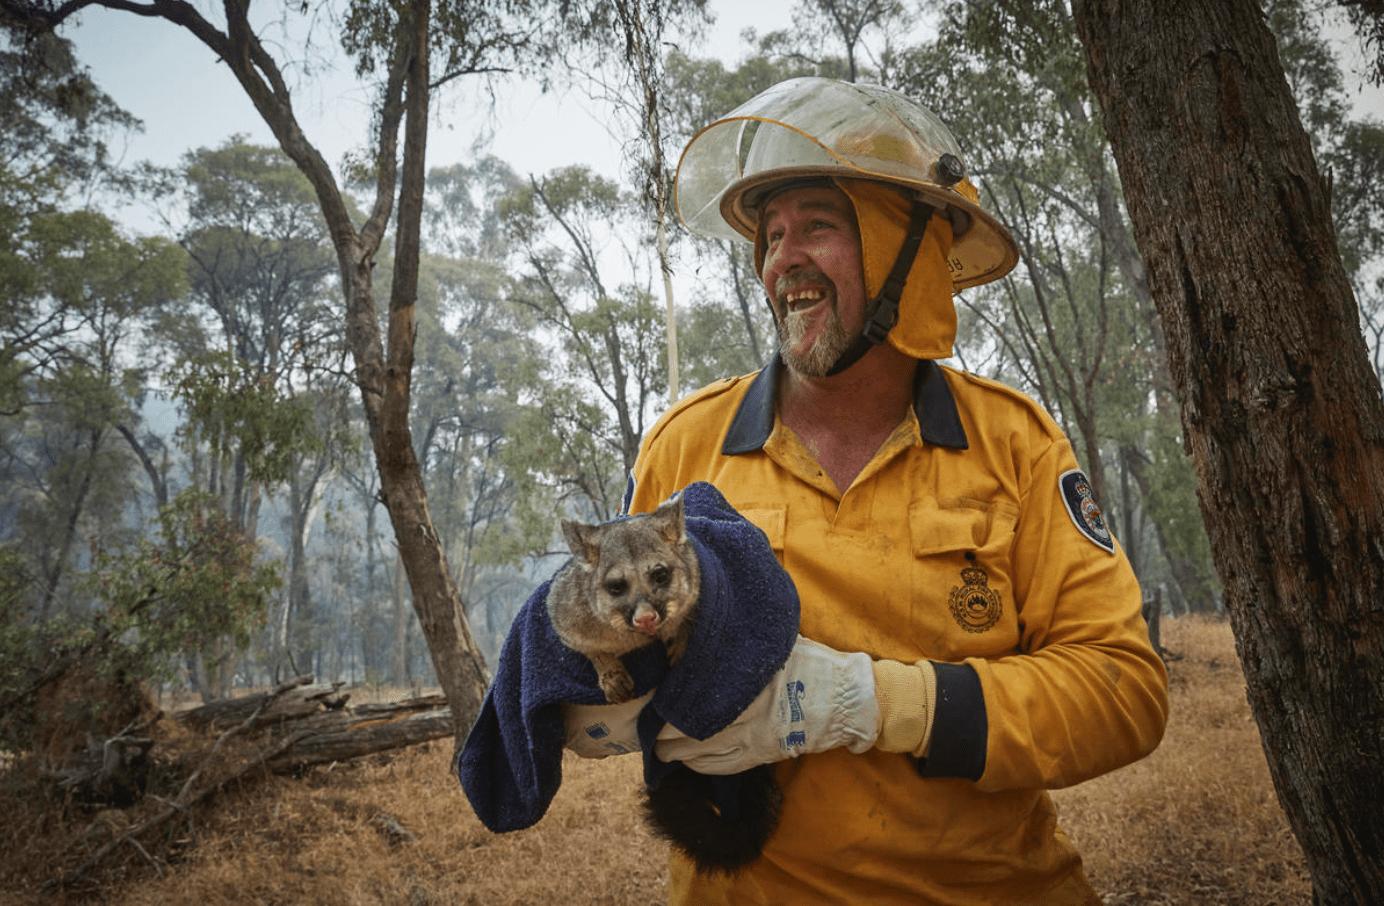 Pat Smith, een vrijwilliger bij de plattelandsbrandweer van Ariah Park, redt een 'possum' met brandwonden aan de rand van het kleine dorpje Tumbarumba in de Snowy Mountains in New South Wales.